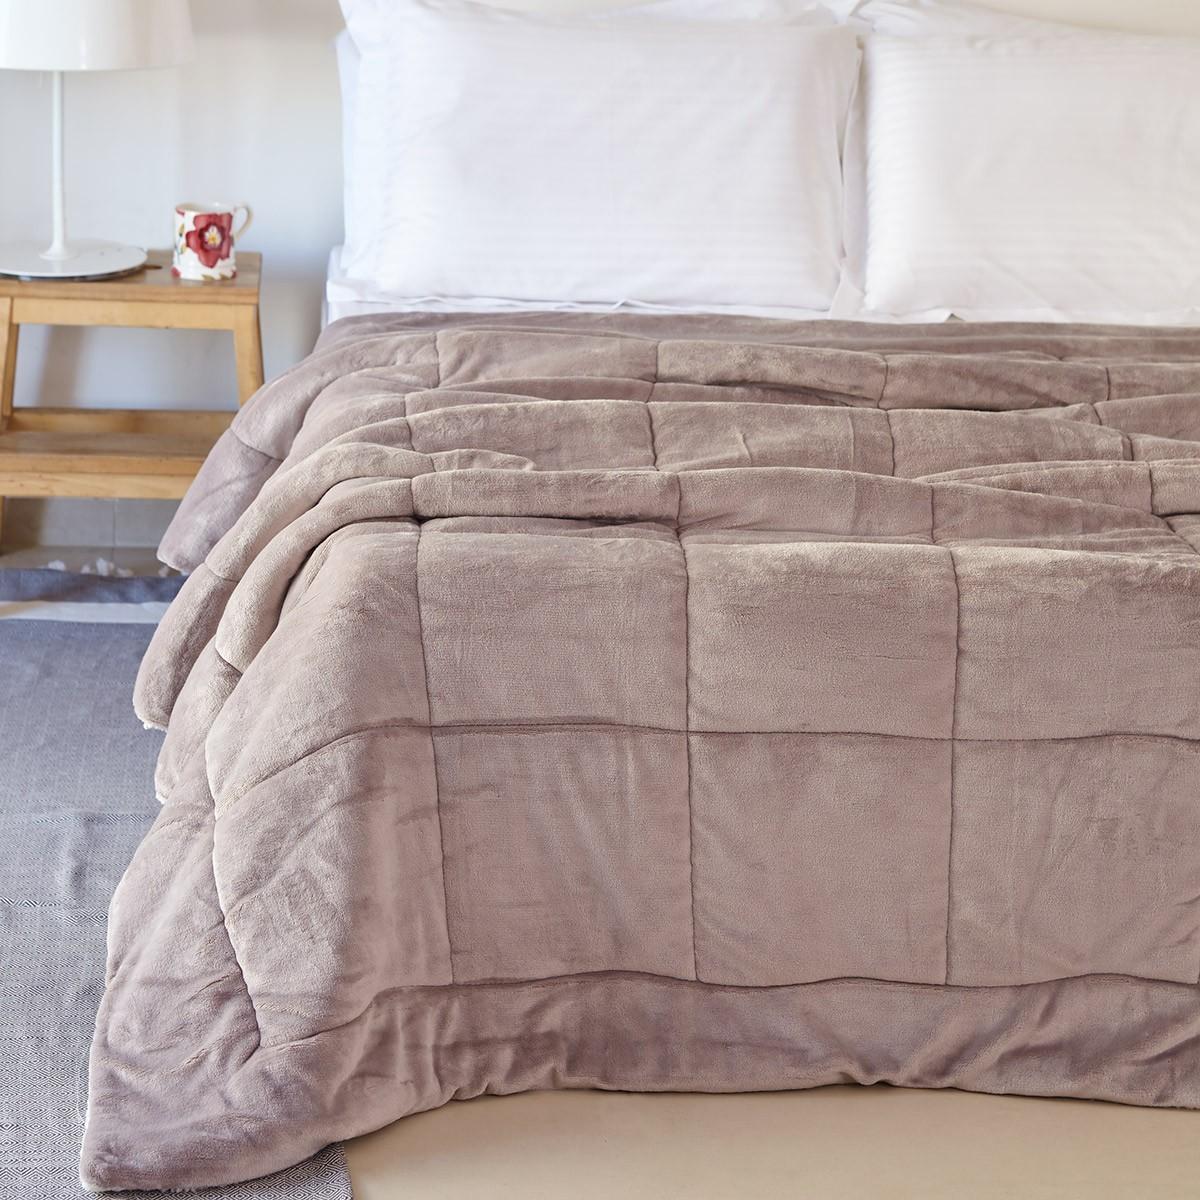 Κουβερτοπάπλωμα Υπέρδιπλο Melinen Molly Greige home   κρεβατοκάμαρα   παπλώματα   κουβερτοπαπλώματα